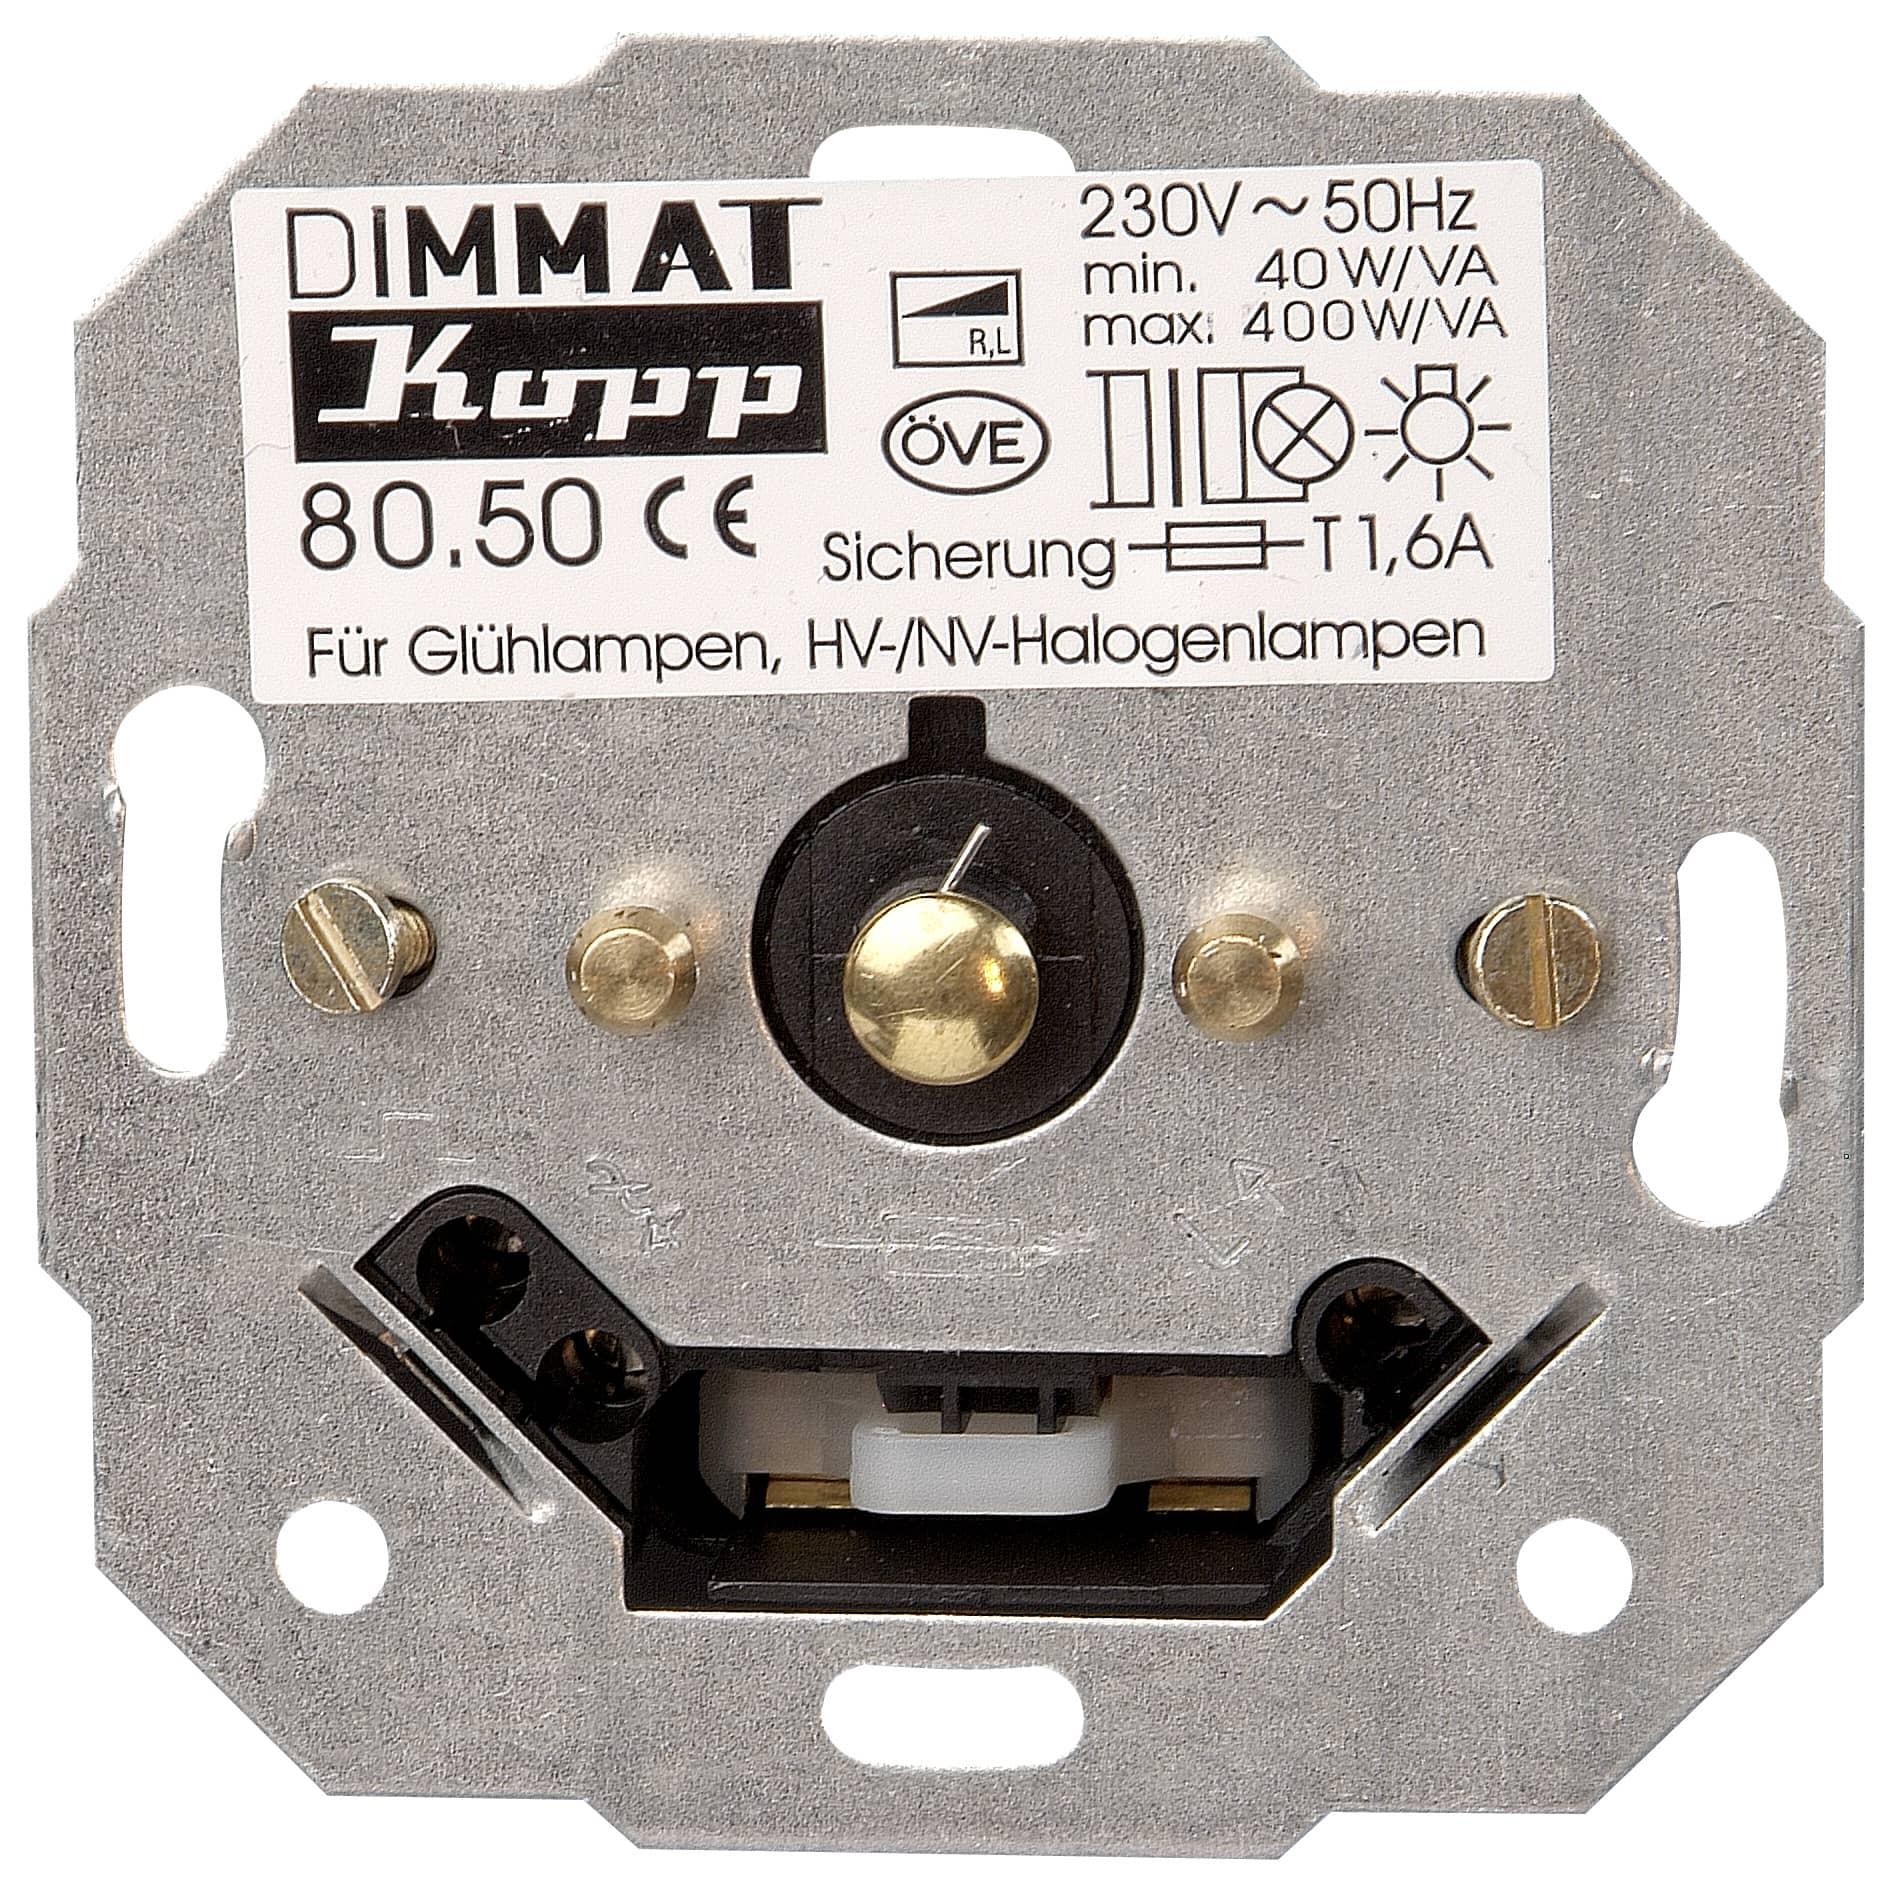 Led Dimmer: Led Dimmer Kopp